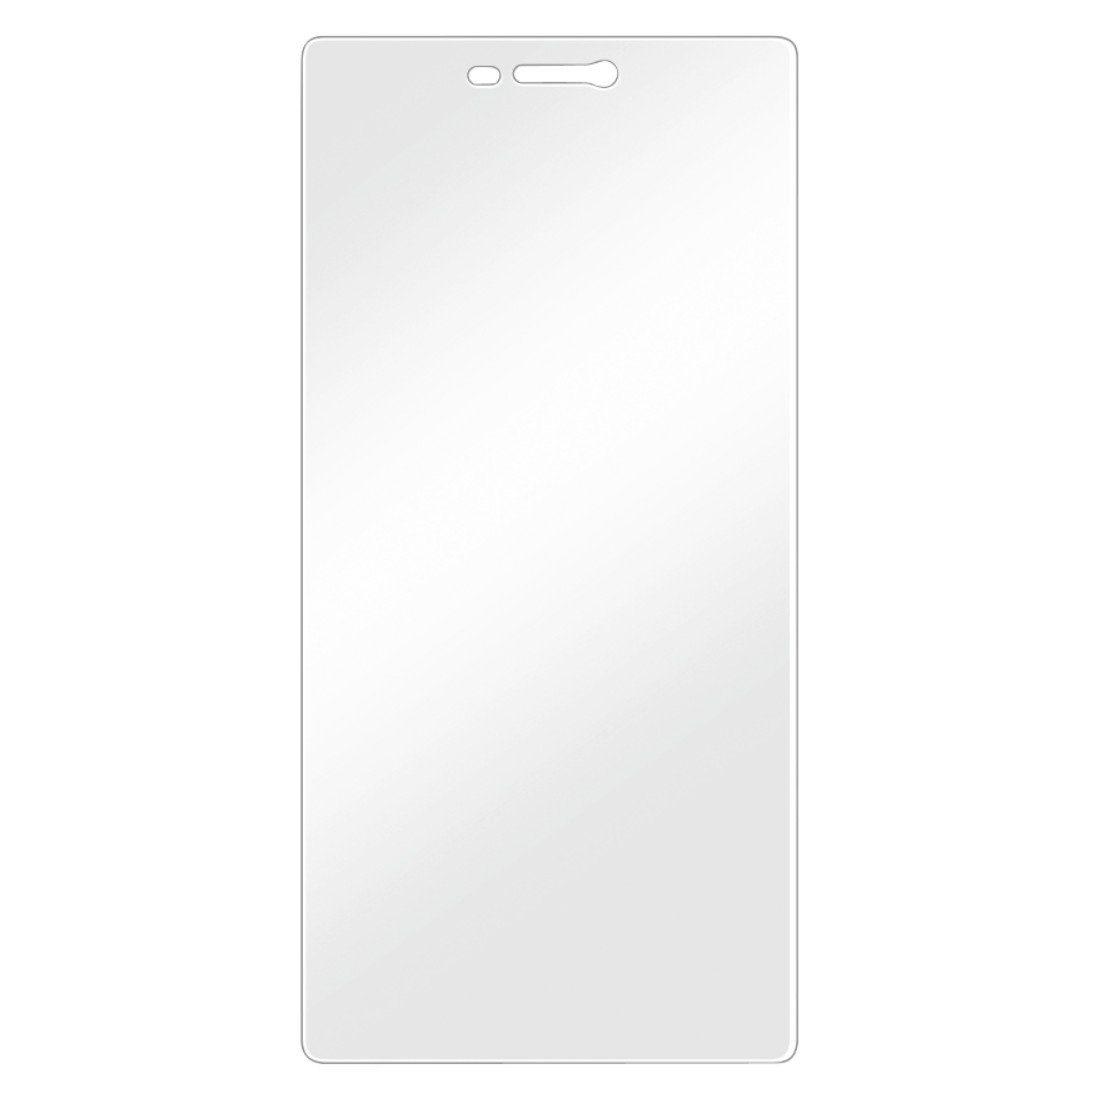 Hama Displayschutzfolie für Huawei P8, 2er Set »Displayschutz Schutzfolie«